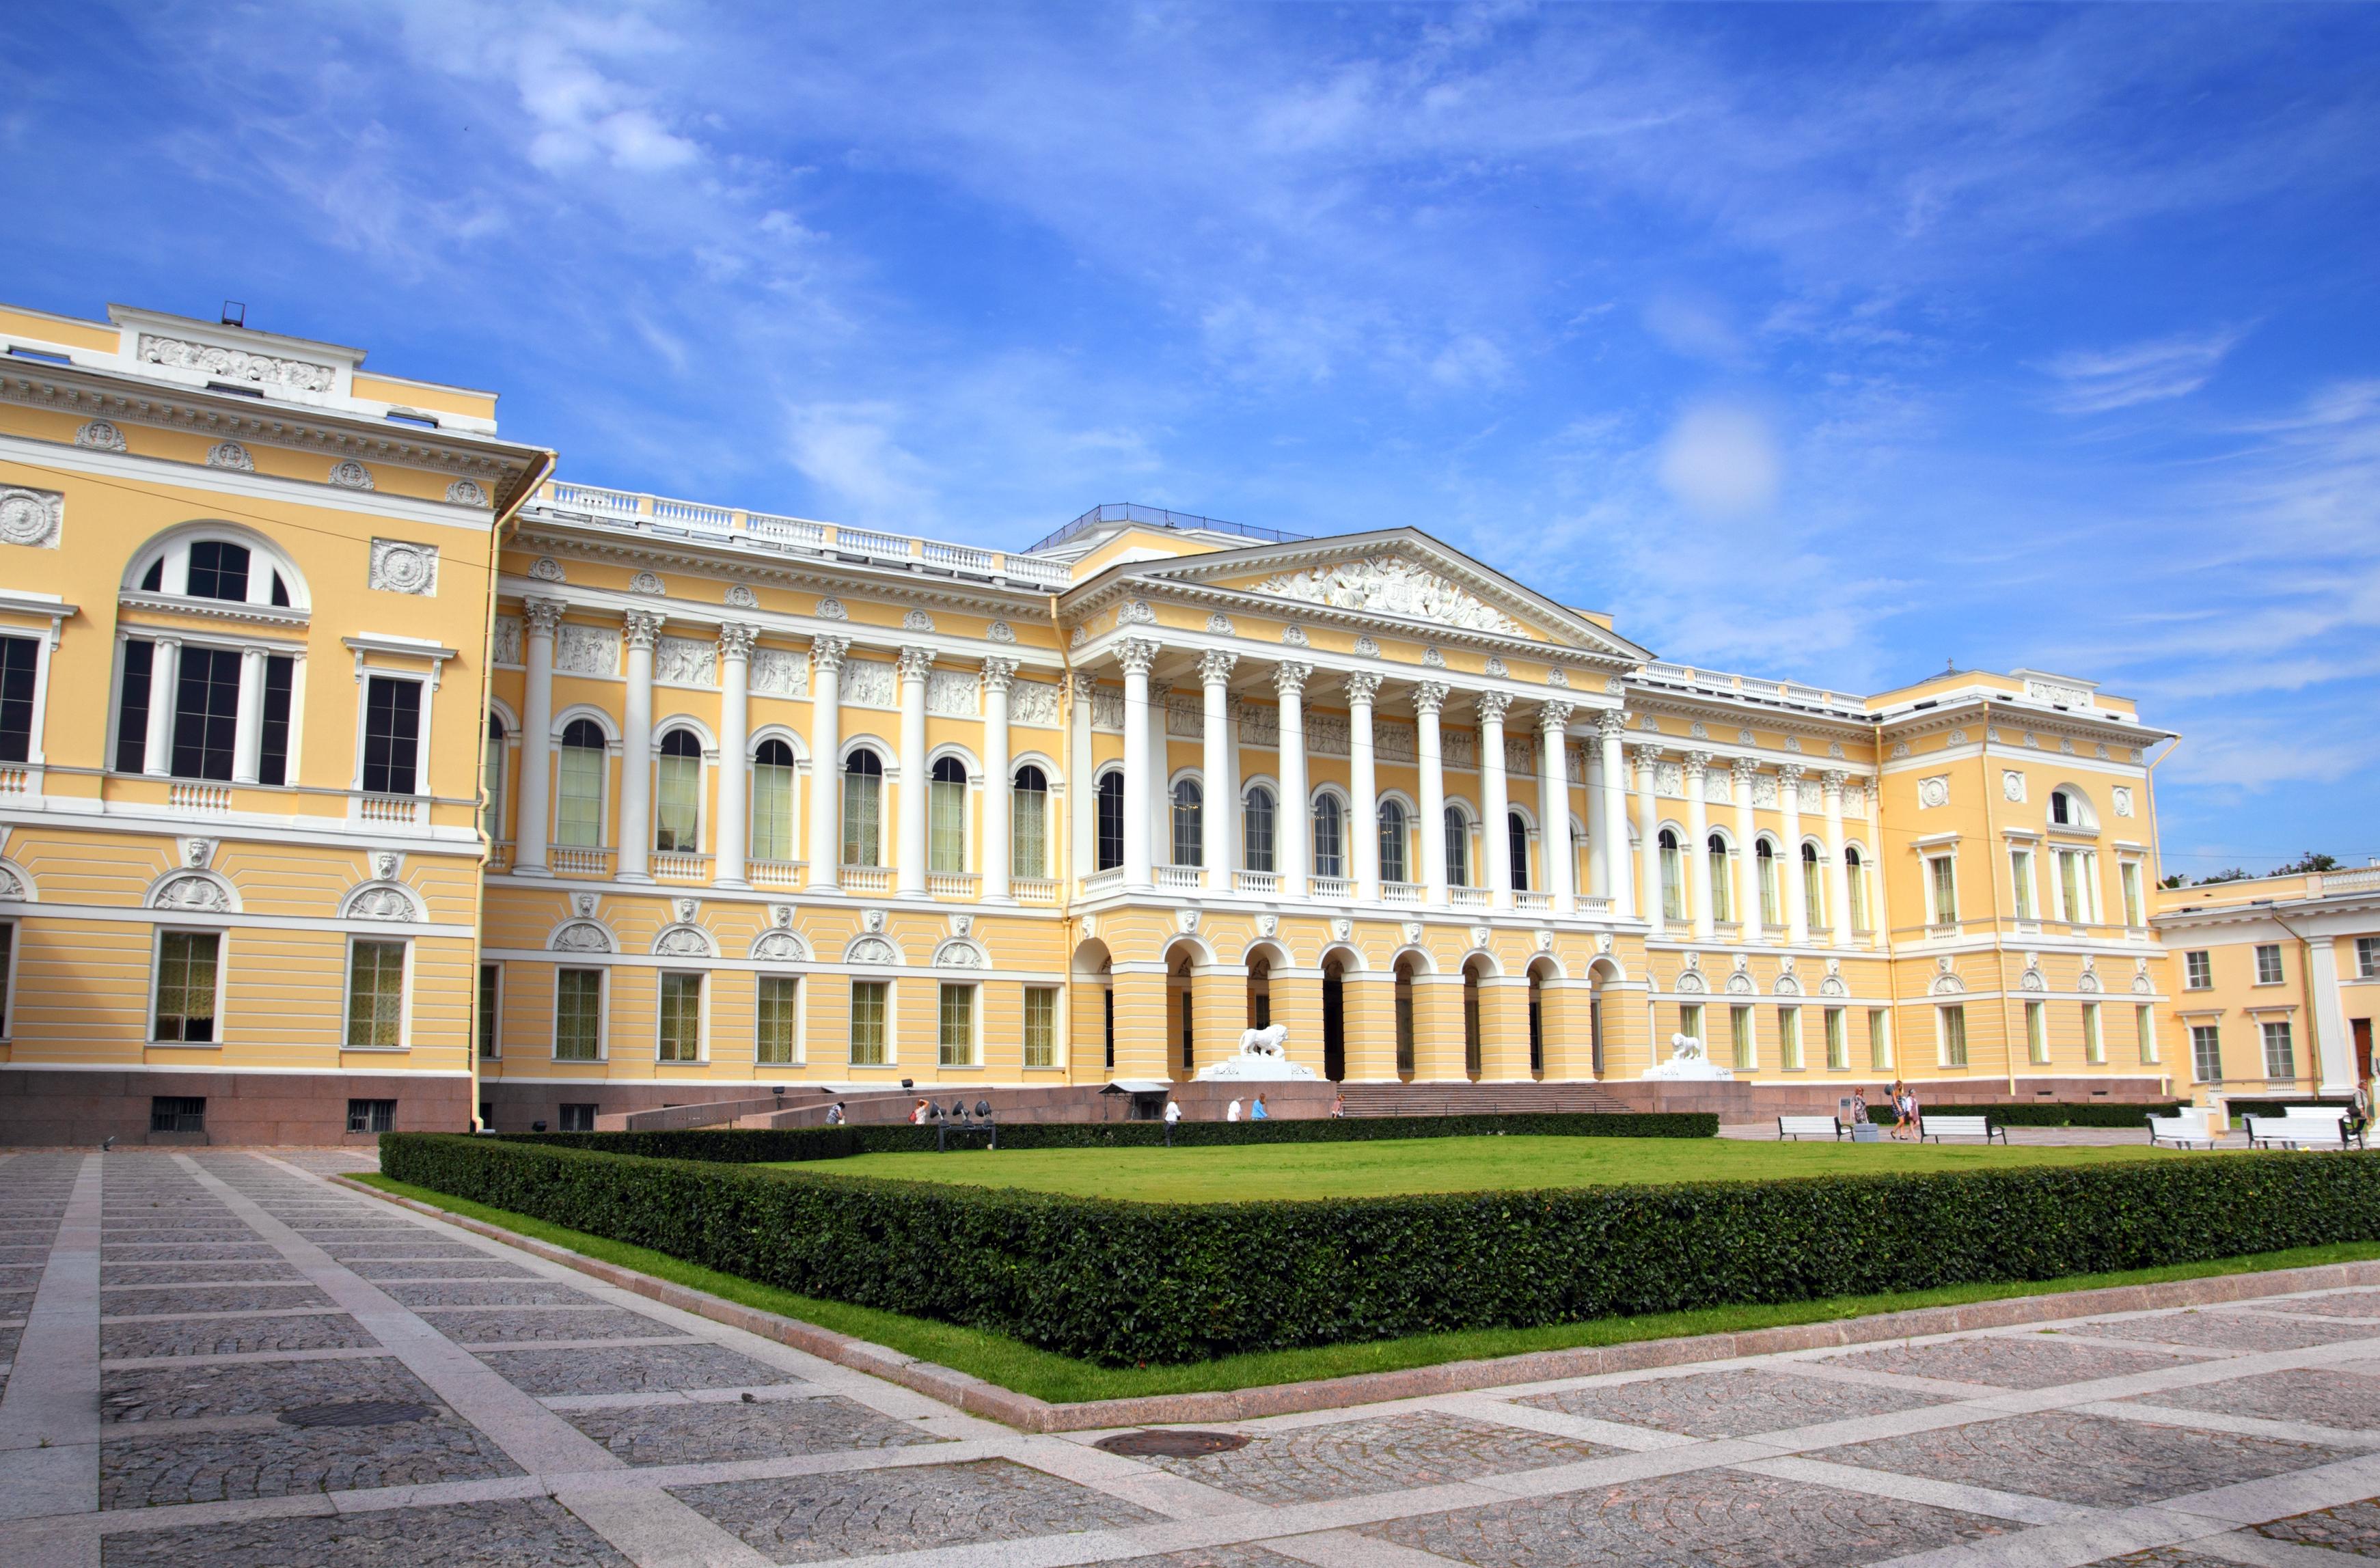 Dreamstime © - Saint-Pétersbourg - Musée Russe (2)